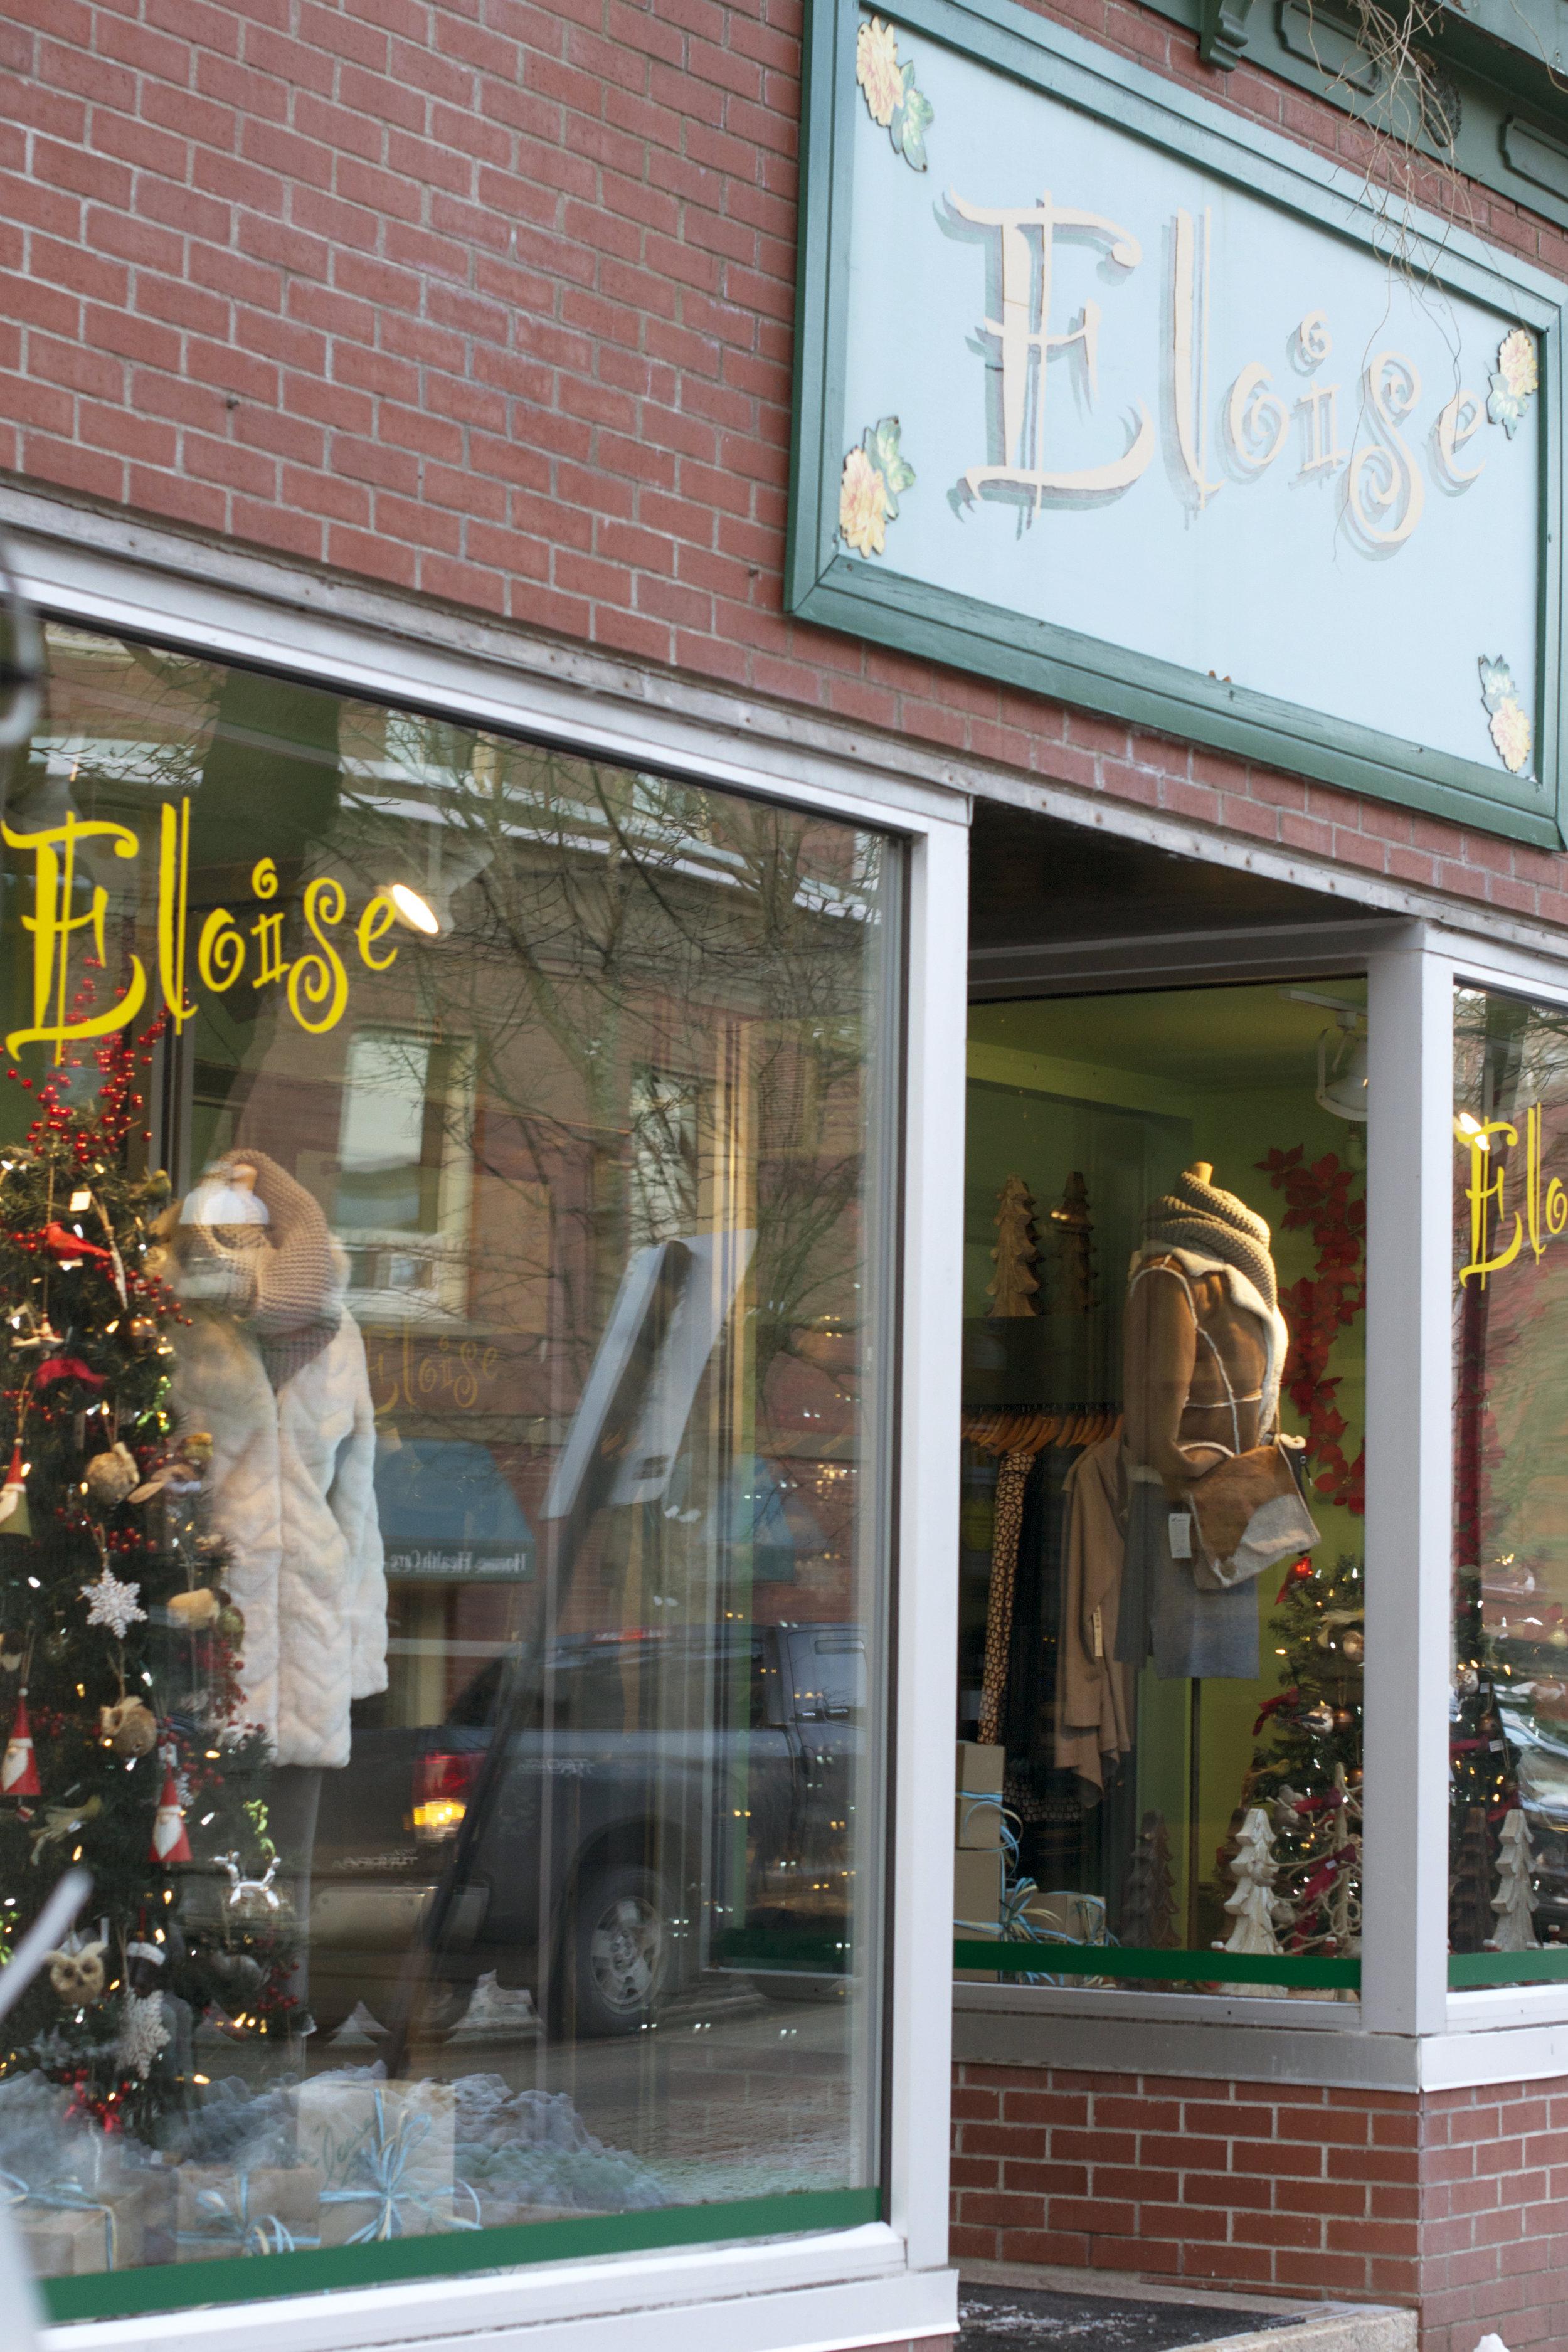 eloise-storefront.jpg